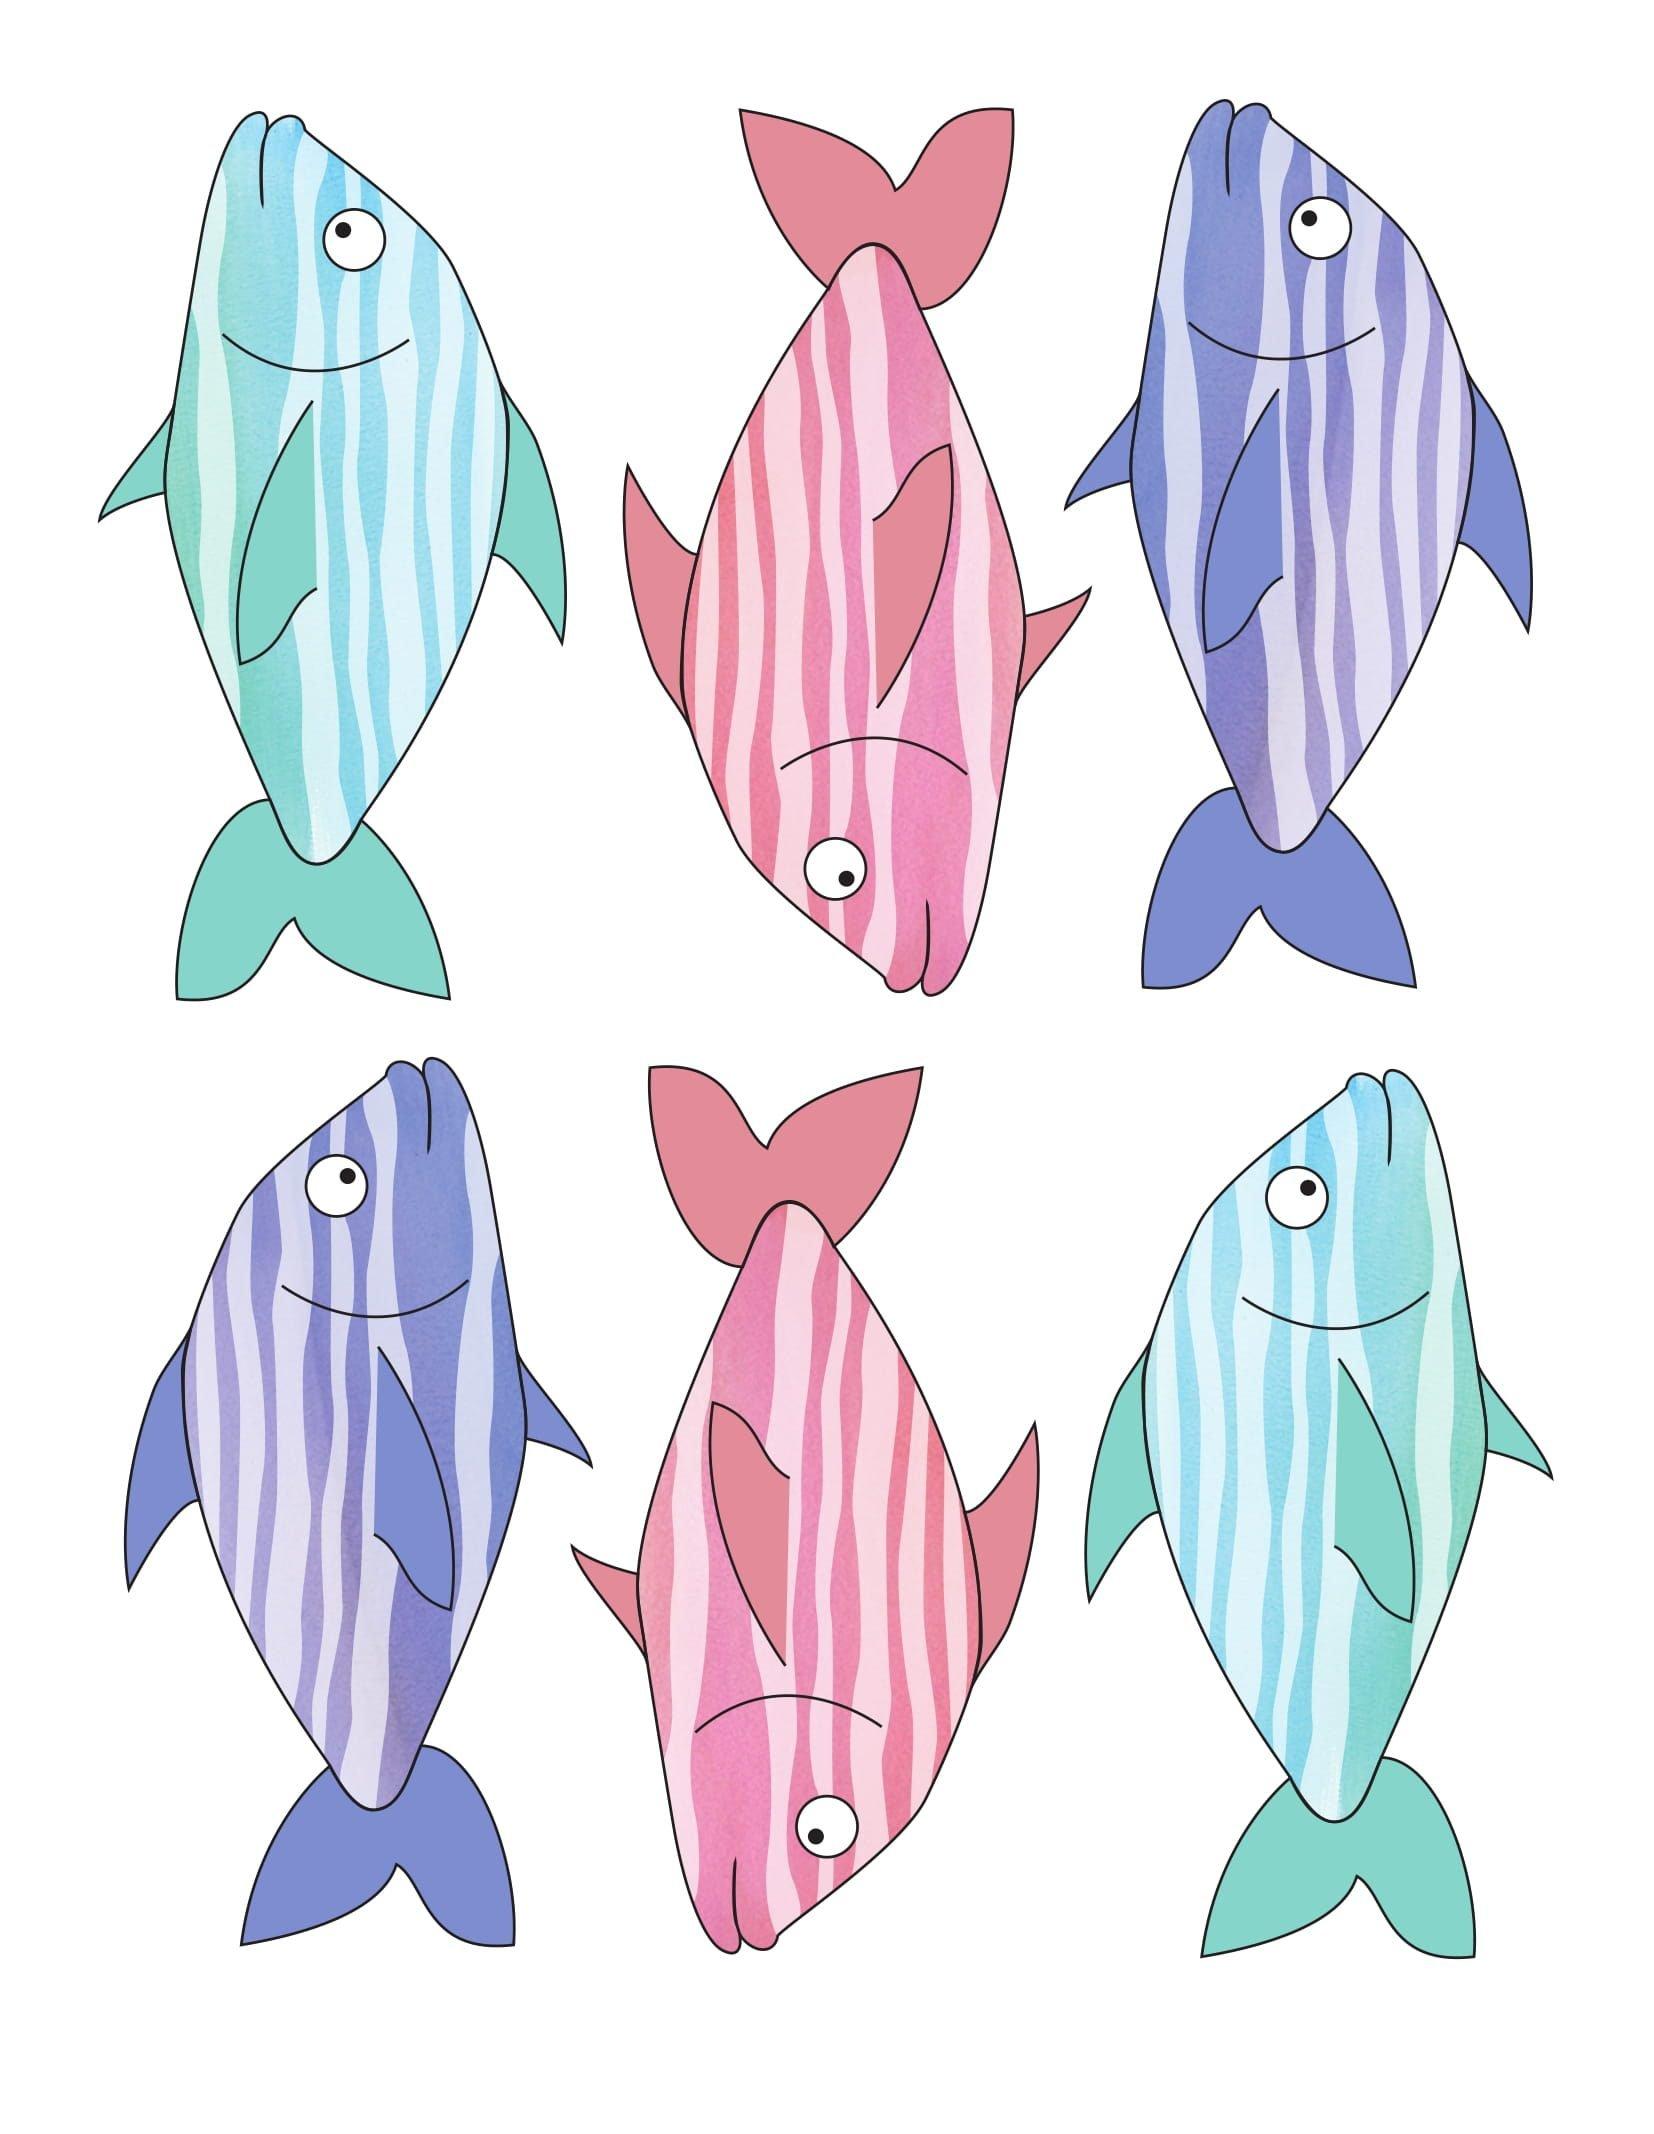 Kostenlose Bastelvorlage Fisch: Herunterladen, ausdrücken und ausschneiden